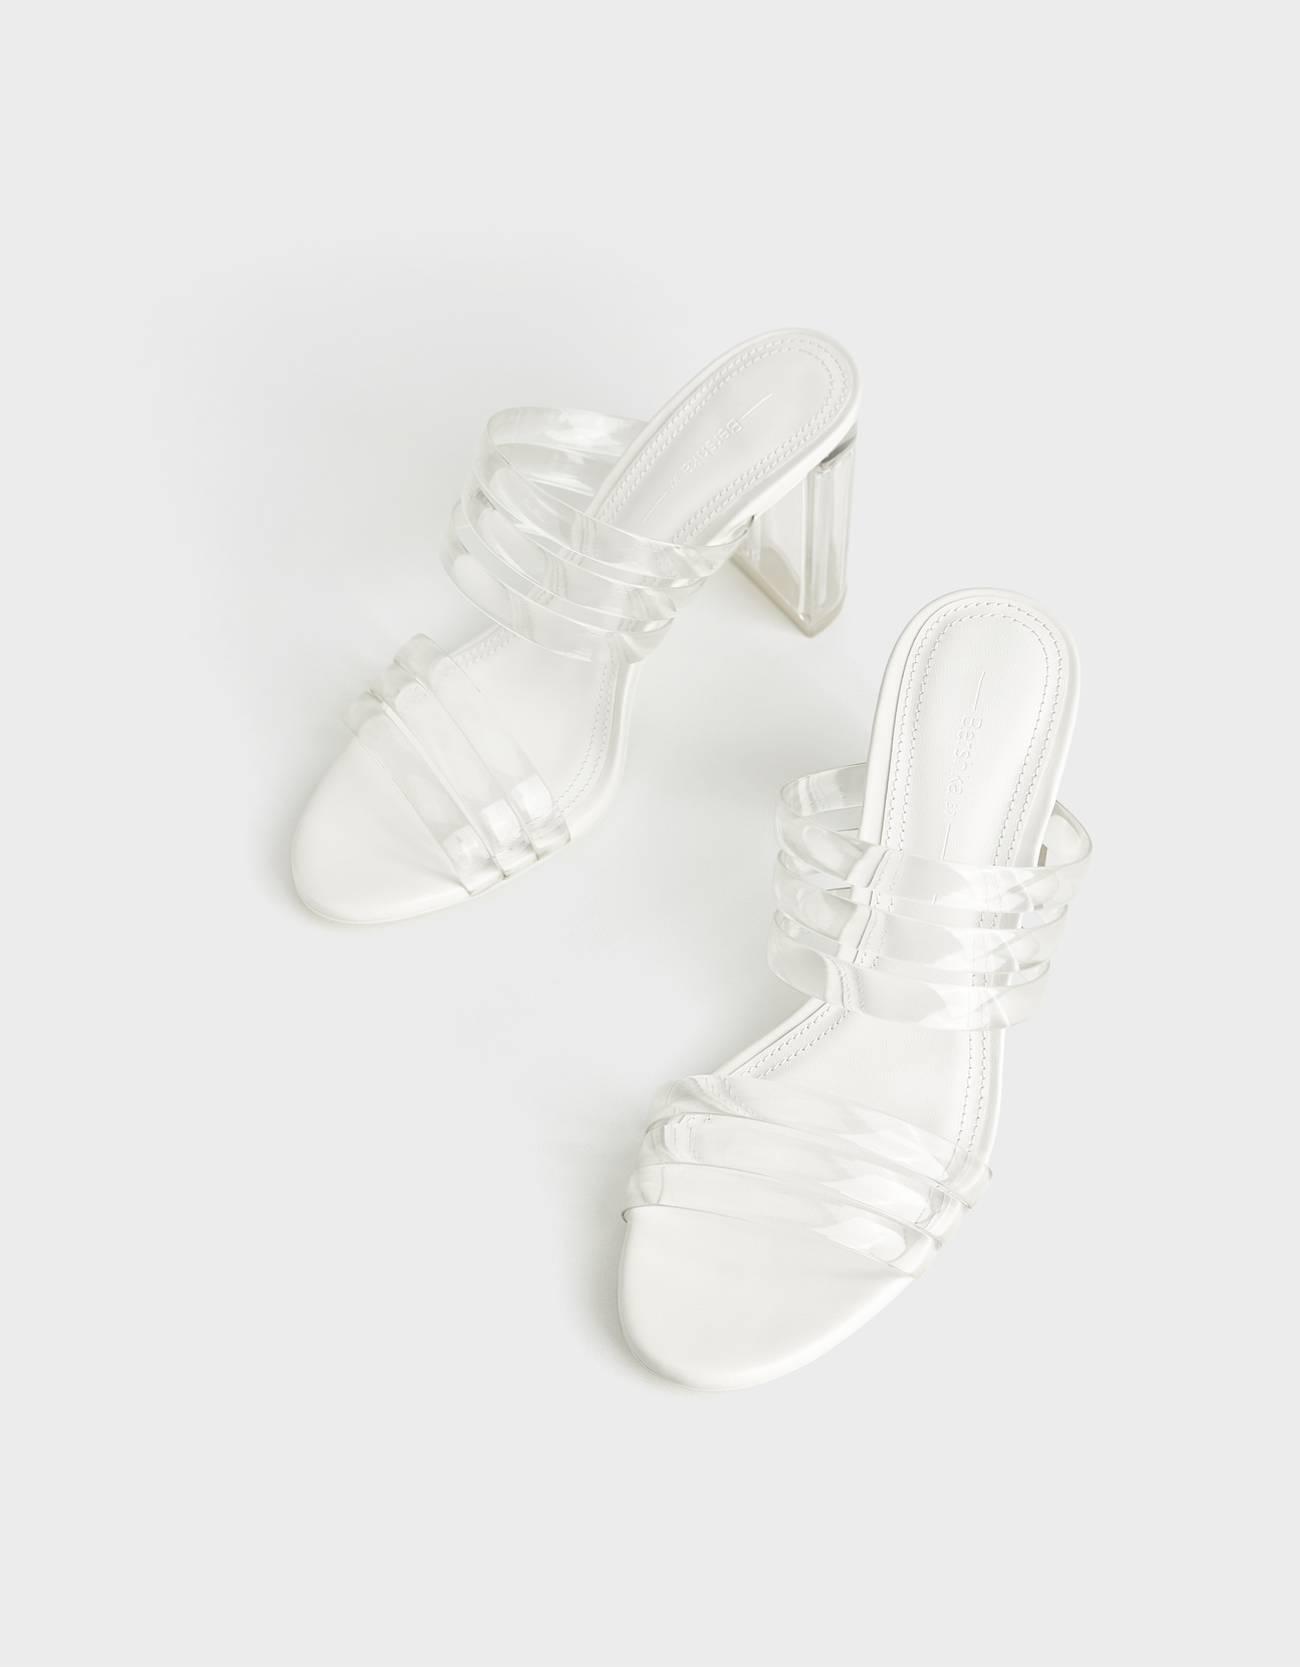 Sandalias de tacón con tiras de vinilo y tacón de metacrilato